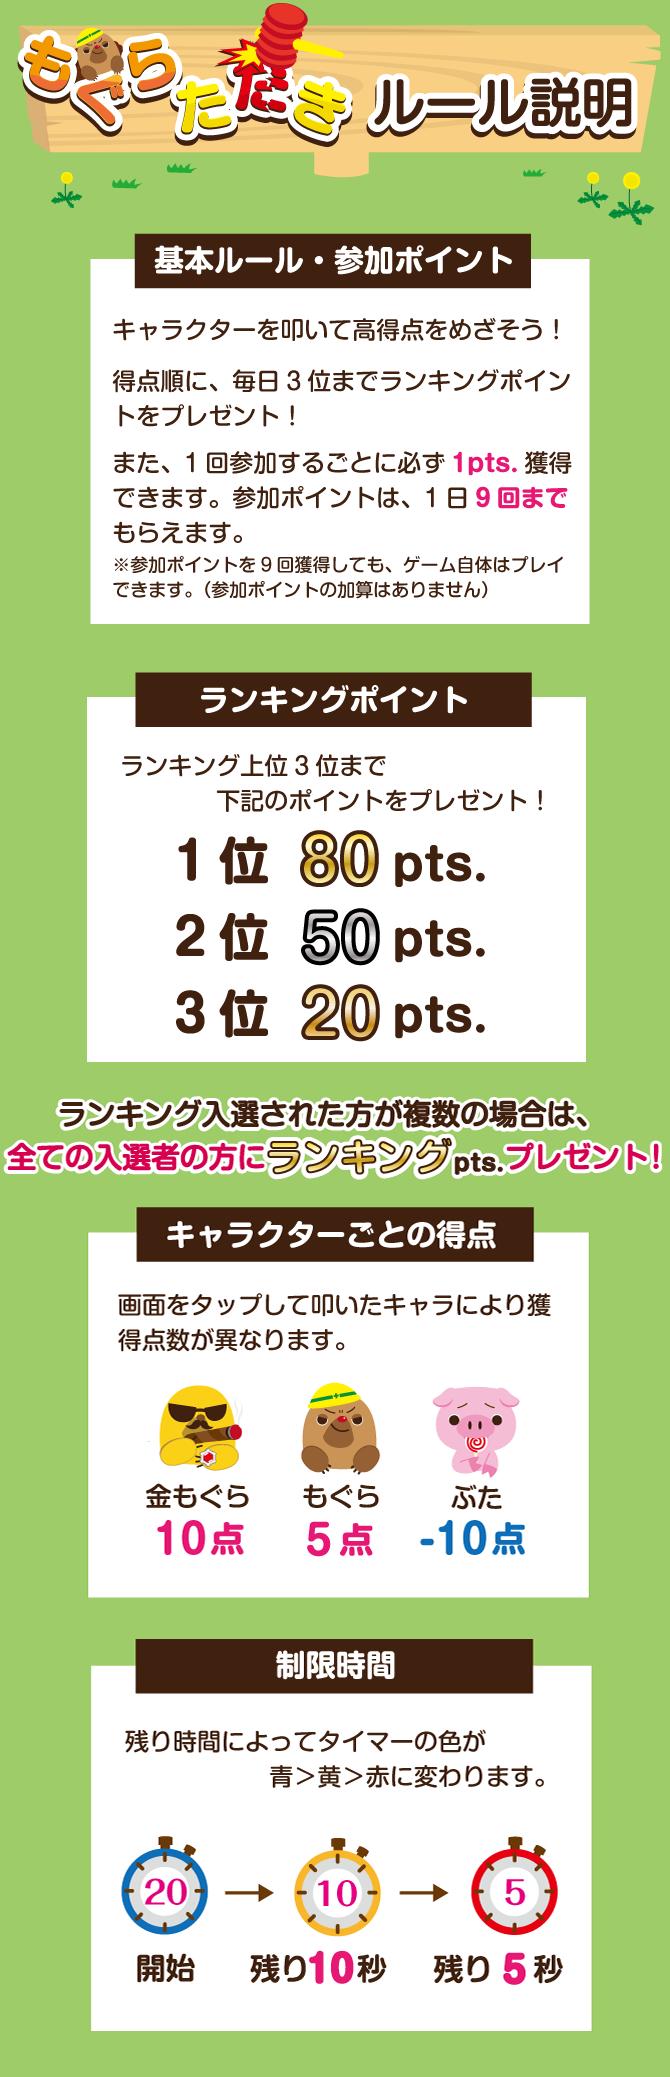 rule_sumaho (4)